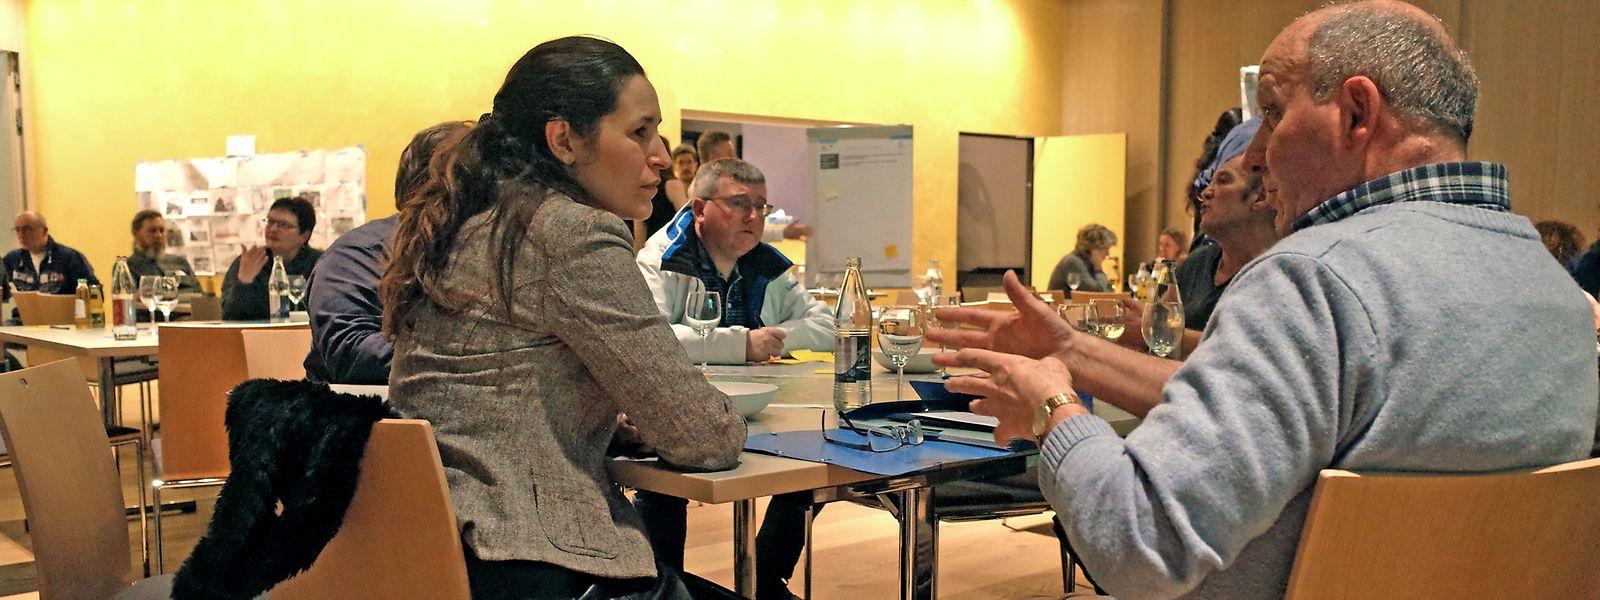 Wenn auch nicht jedem von Anfang an bewusst war, auf was er sich eingelassen hatte, wurde am Mittwoch im Aalt Stadhaus viel über die Zukunft der Südregion diskutiert.